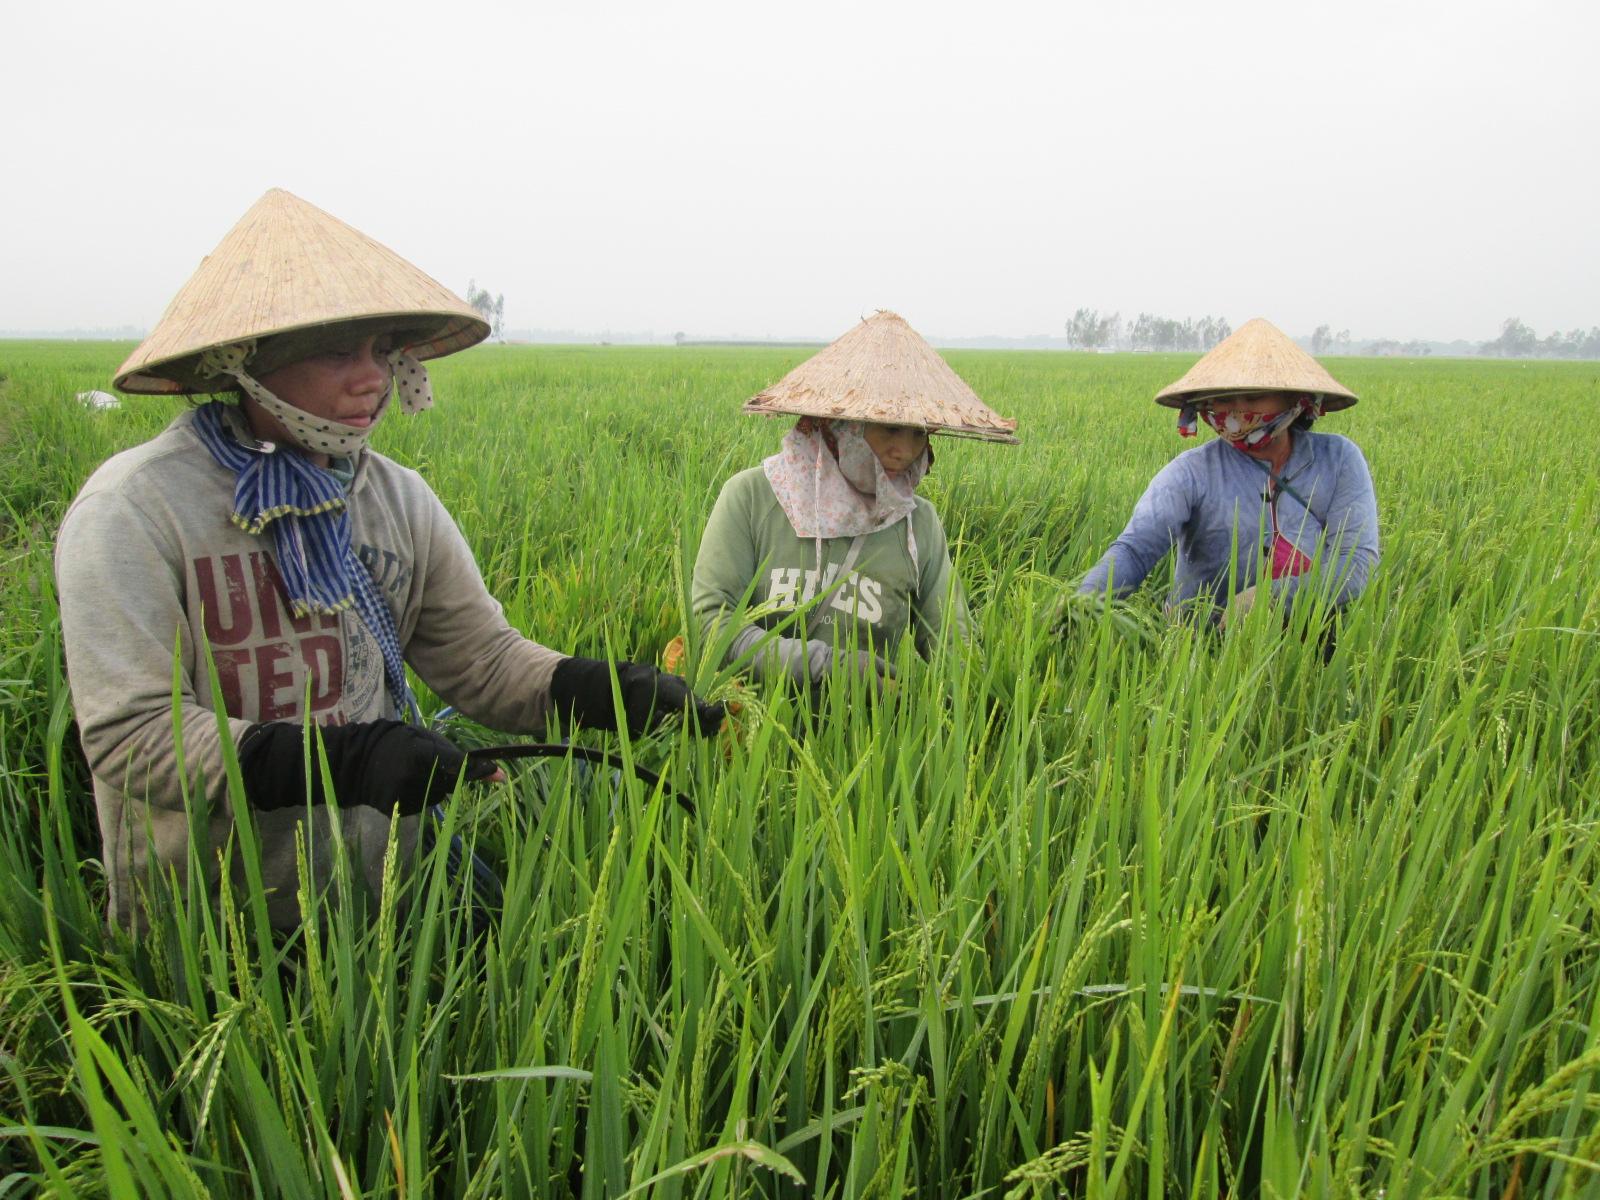 An Giang: Trên 68,8 tỷ đồng đổi mới phát triển hợp tác xã, tổ hợp tác nông nghiệp